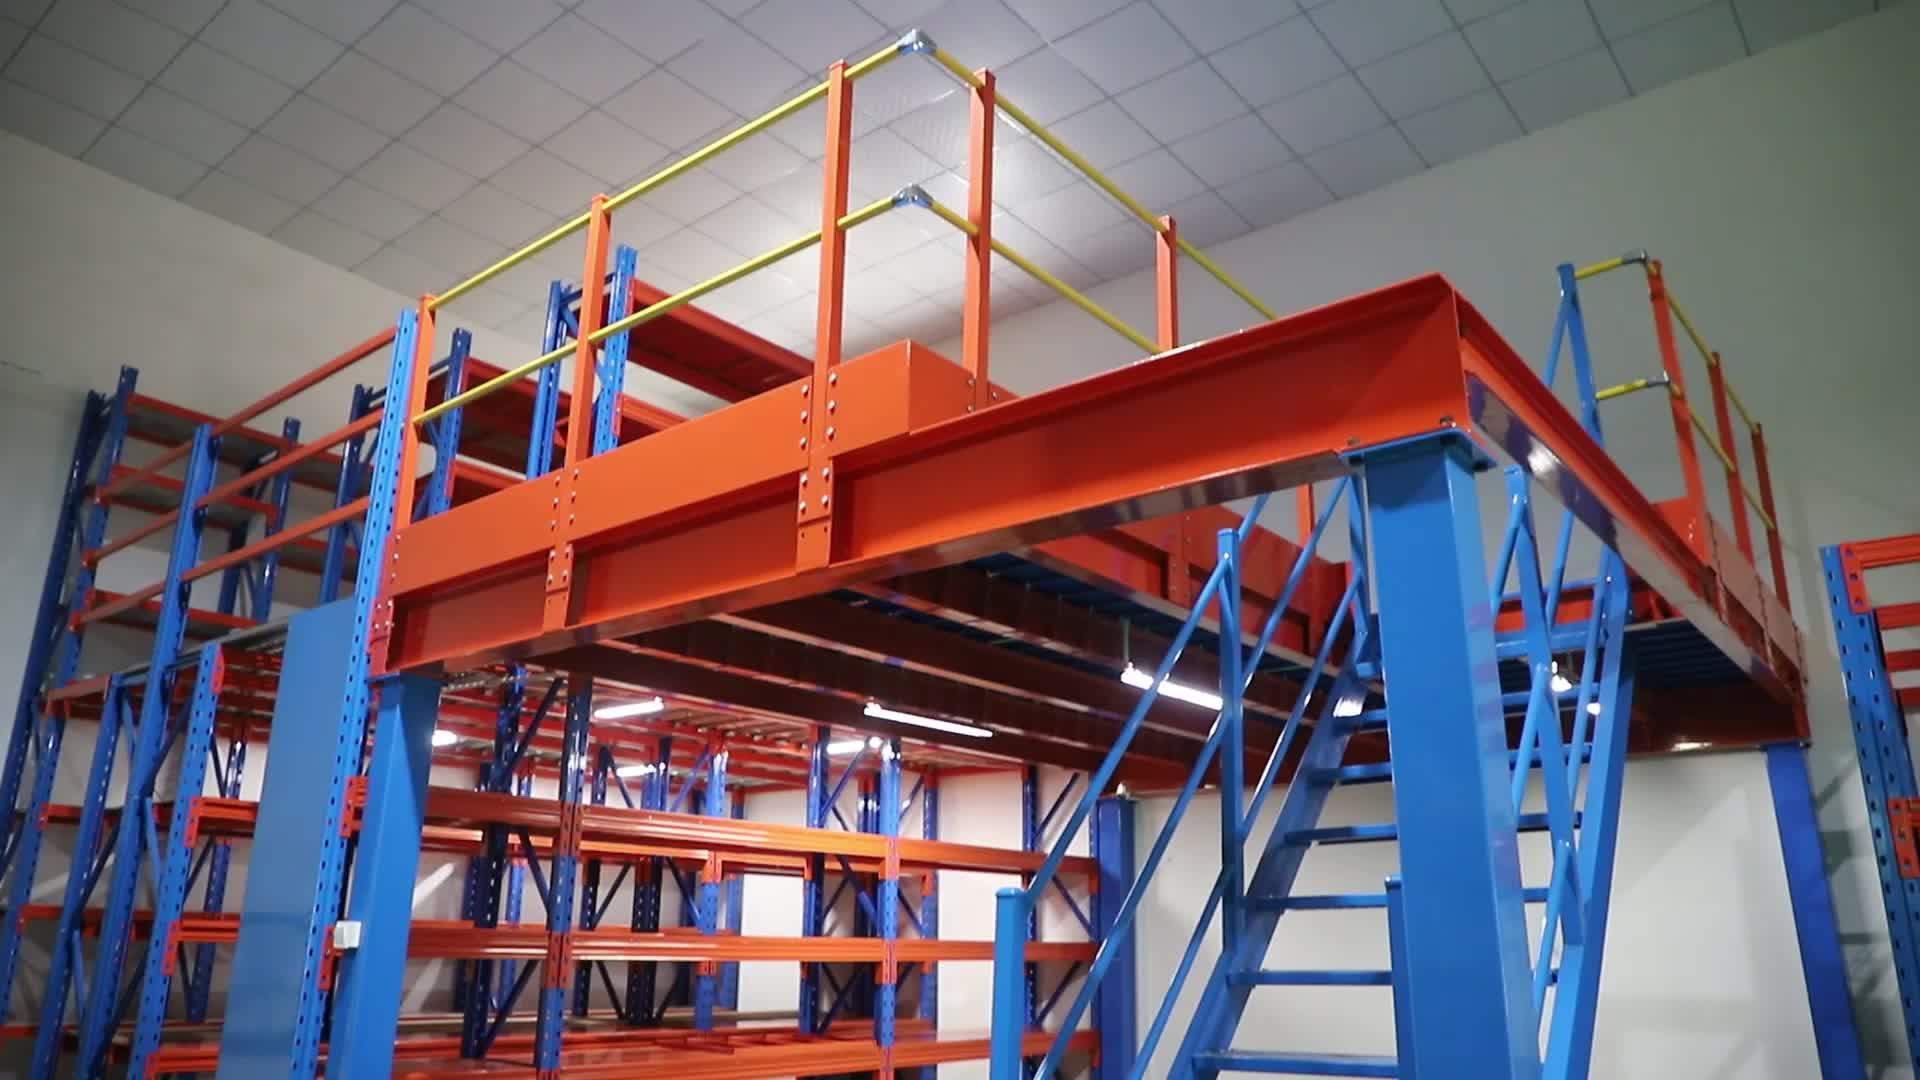 LIJIN Manufacture  industrial warehouse heavy duty storage steel scaffolding mezzanine floor rack